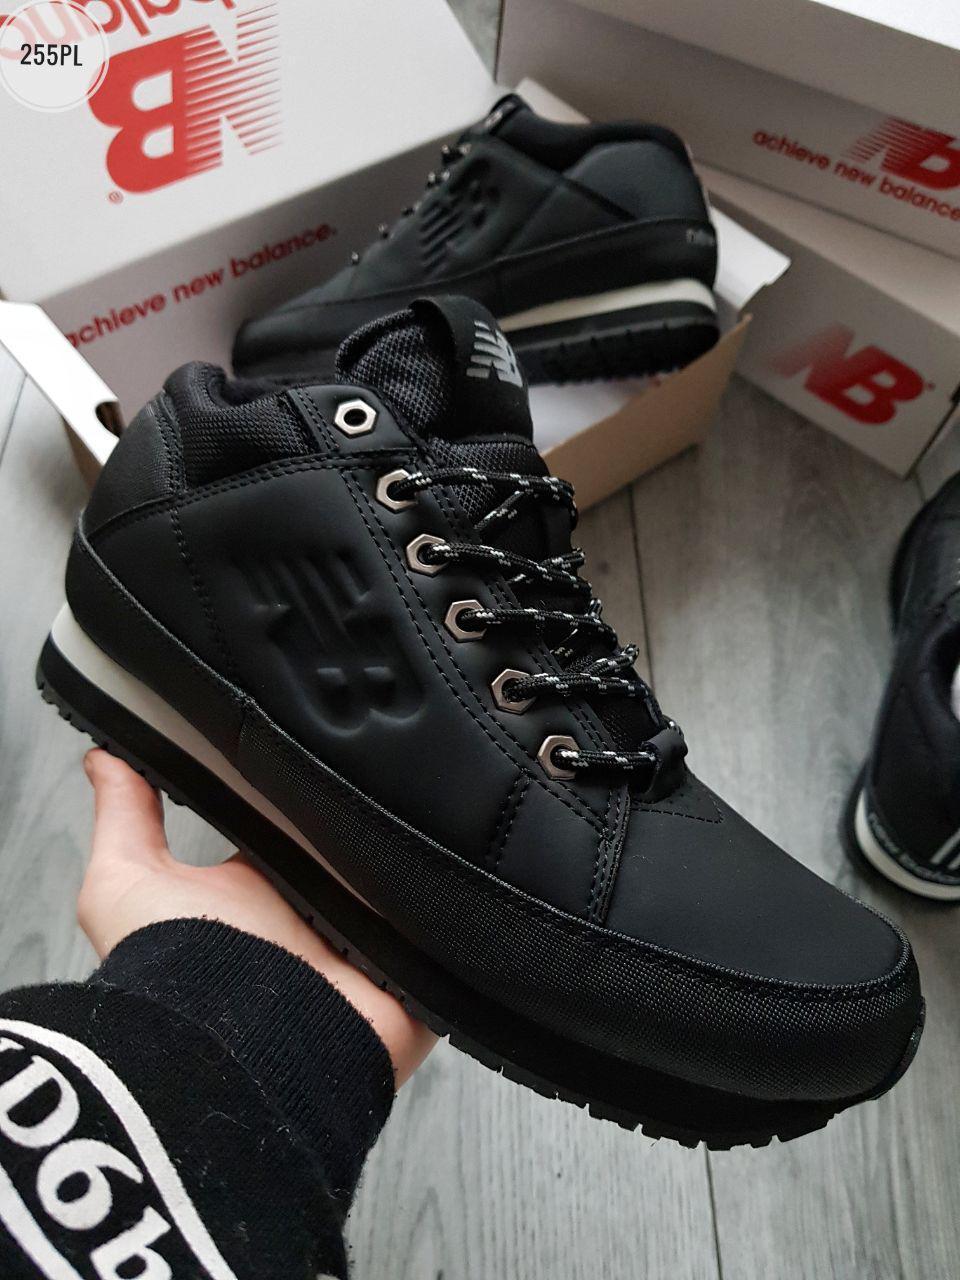 ЗИМА!!! Мужские кроссовки New Balance 754 Black Winter (р. 43) Черные зимние